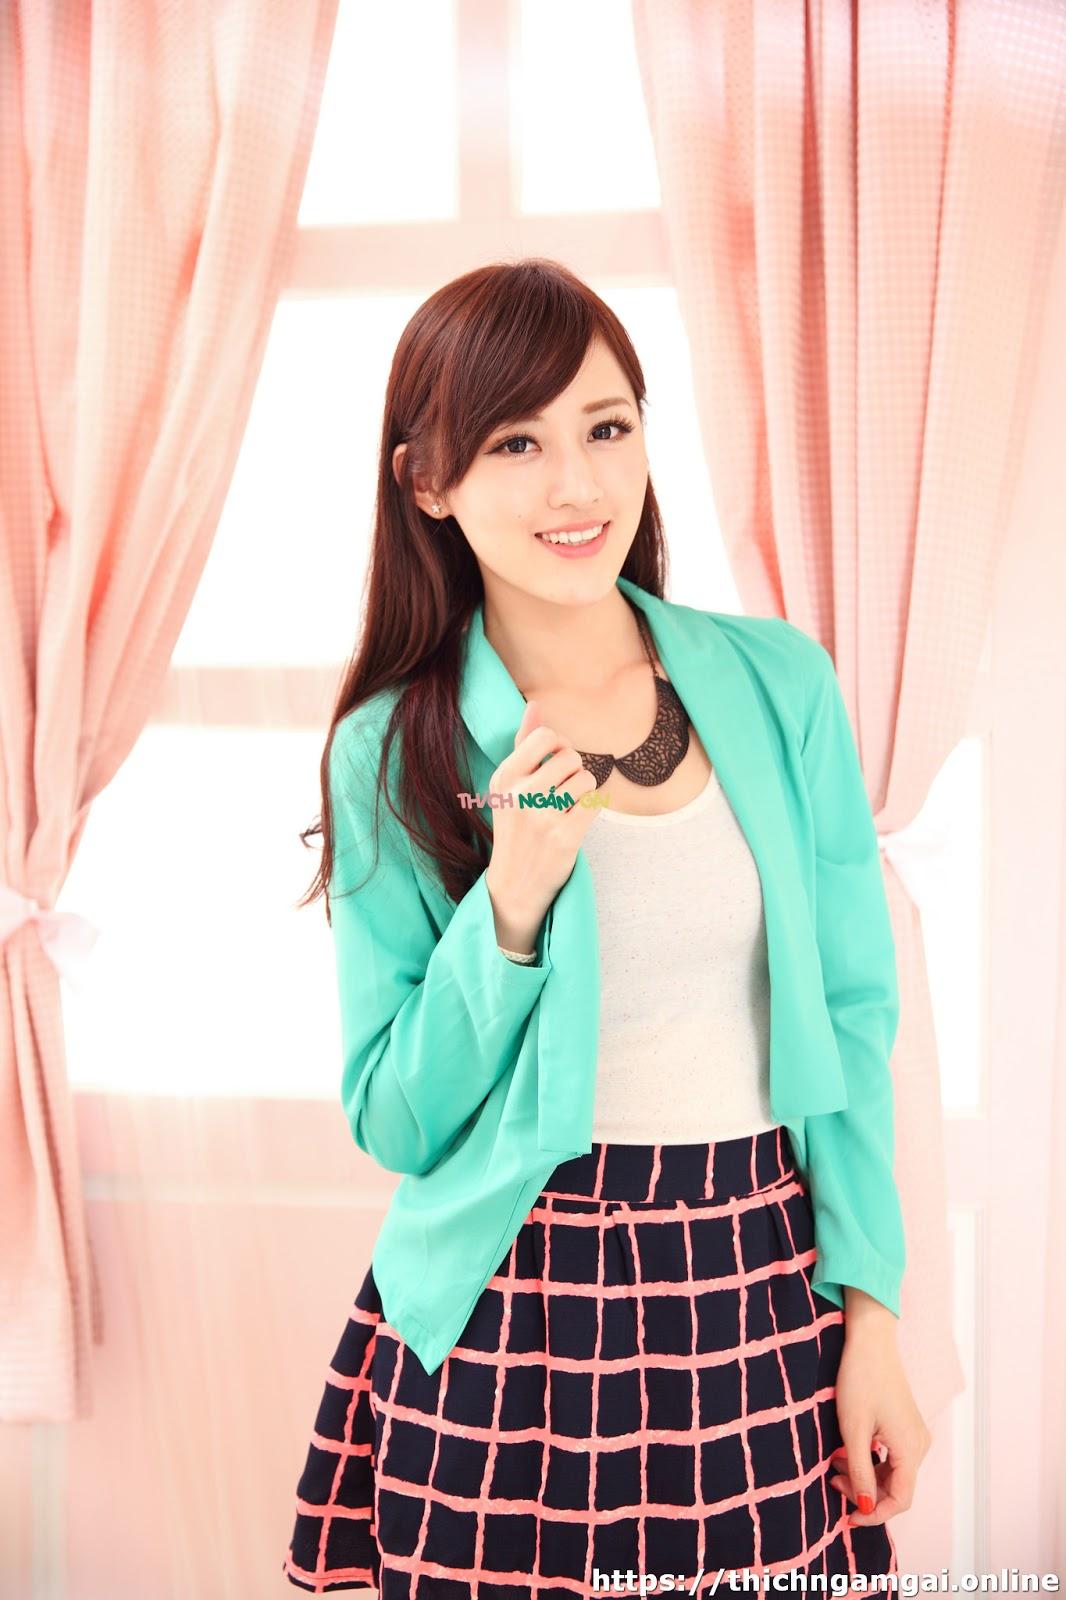 Thích Ngắm Gái 592.%2BIMG_6298%2B%2528Large%2B2048%2529 Tuyển Tập Girls Xinh Việt Nam (Phần 76)